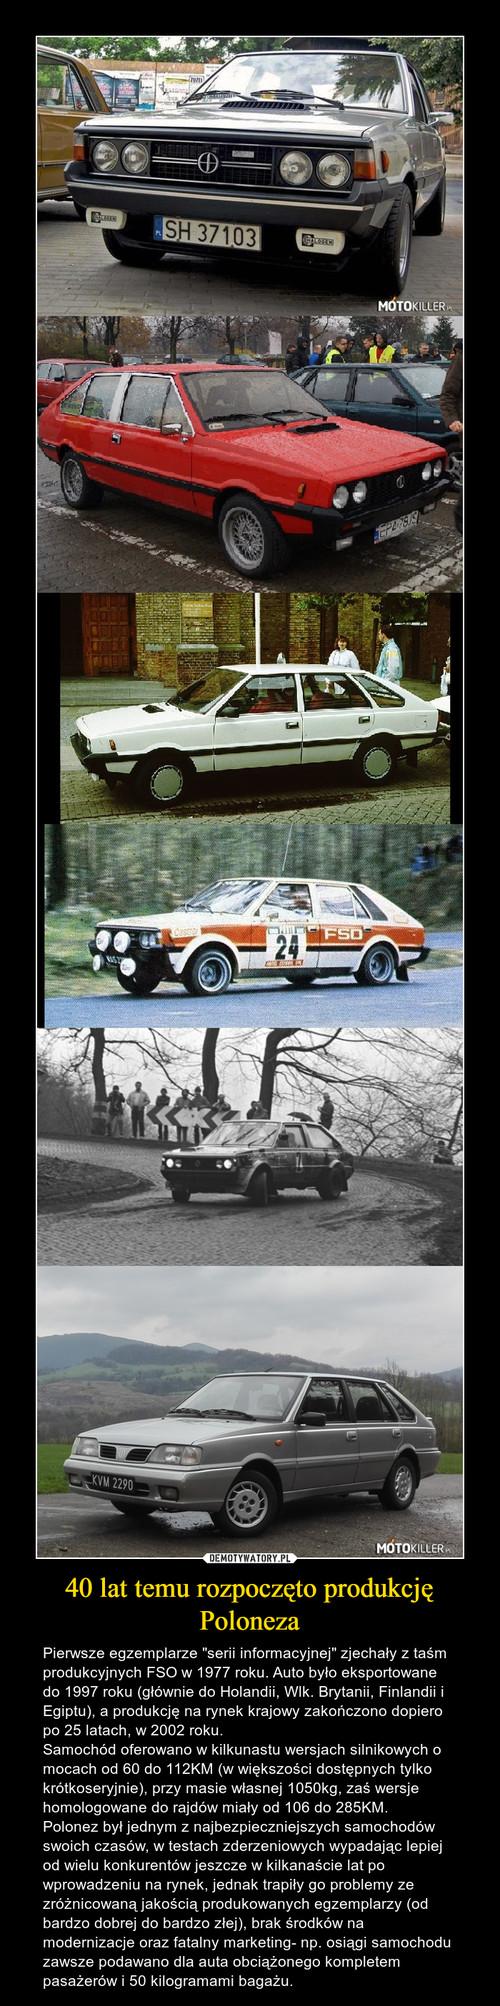 40 lat temu rozpoczęto produkcję Poloneza